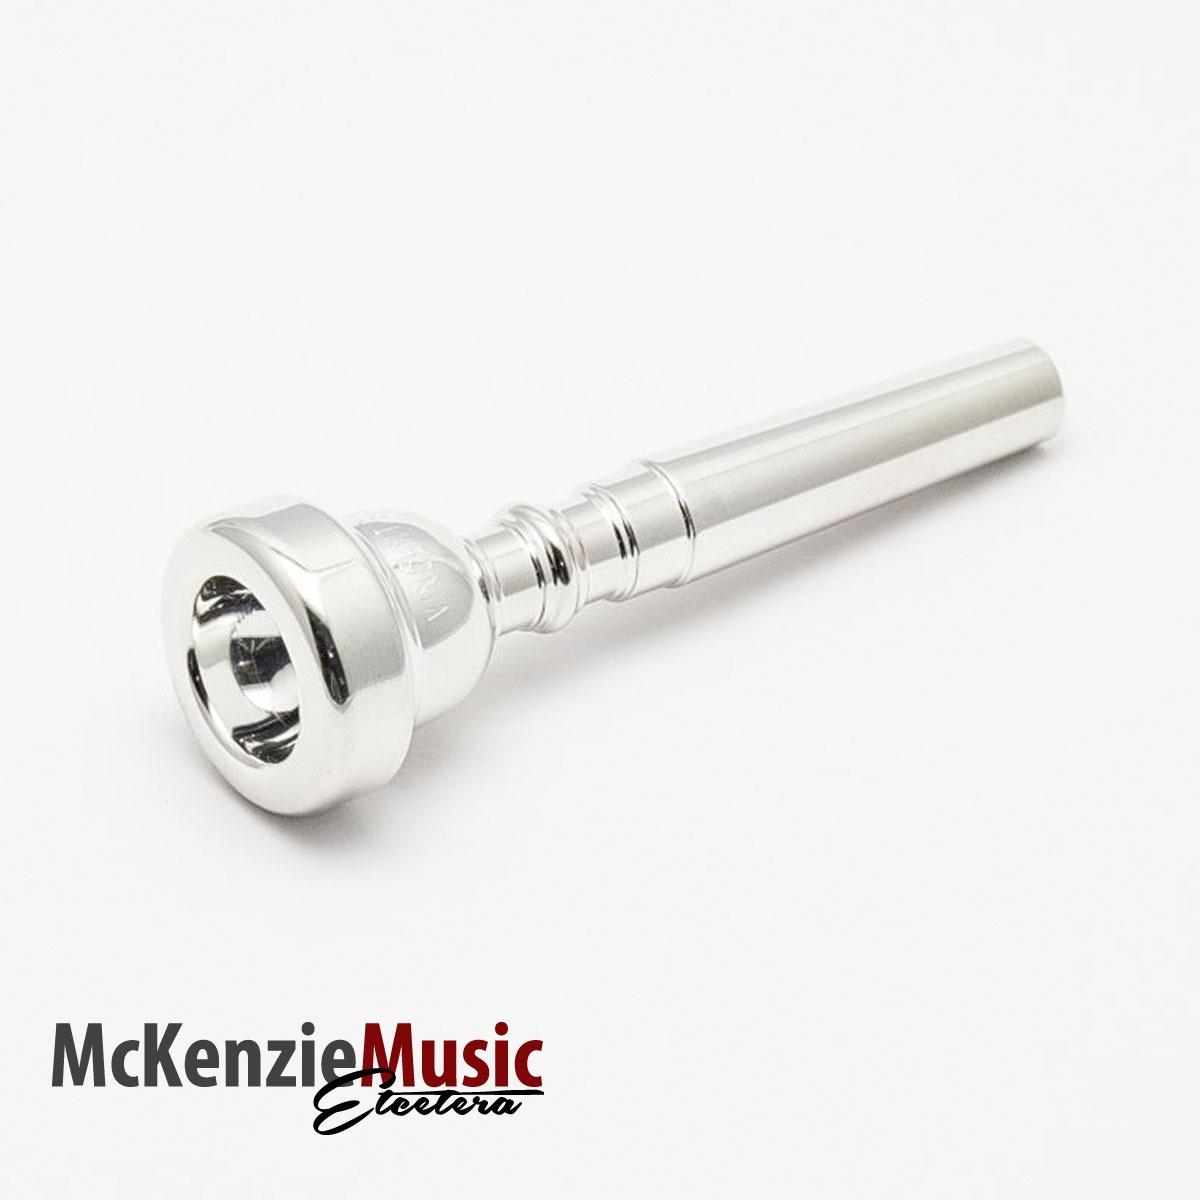 Bach Trumpet Mouthpiece 1.5C